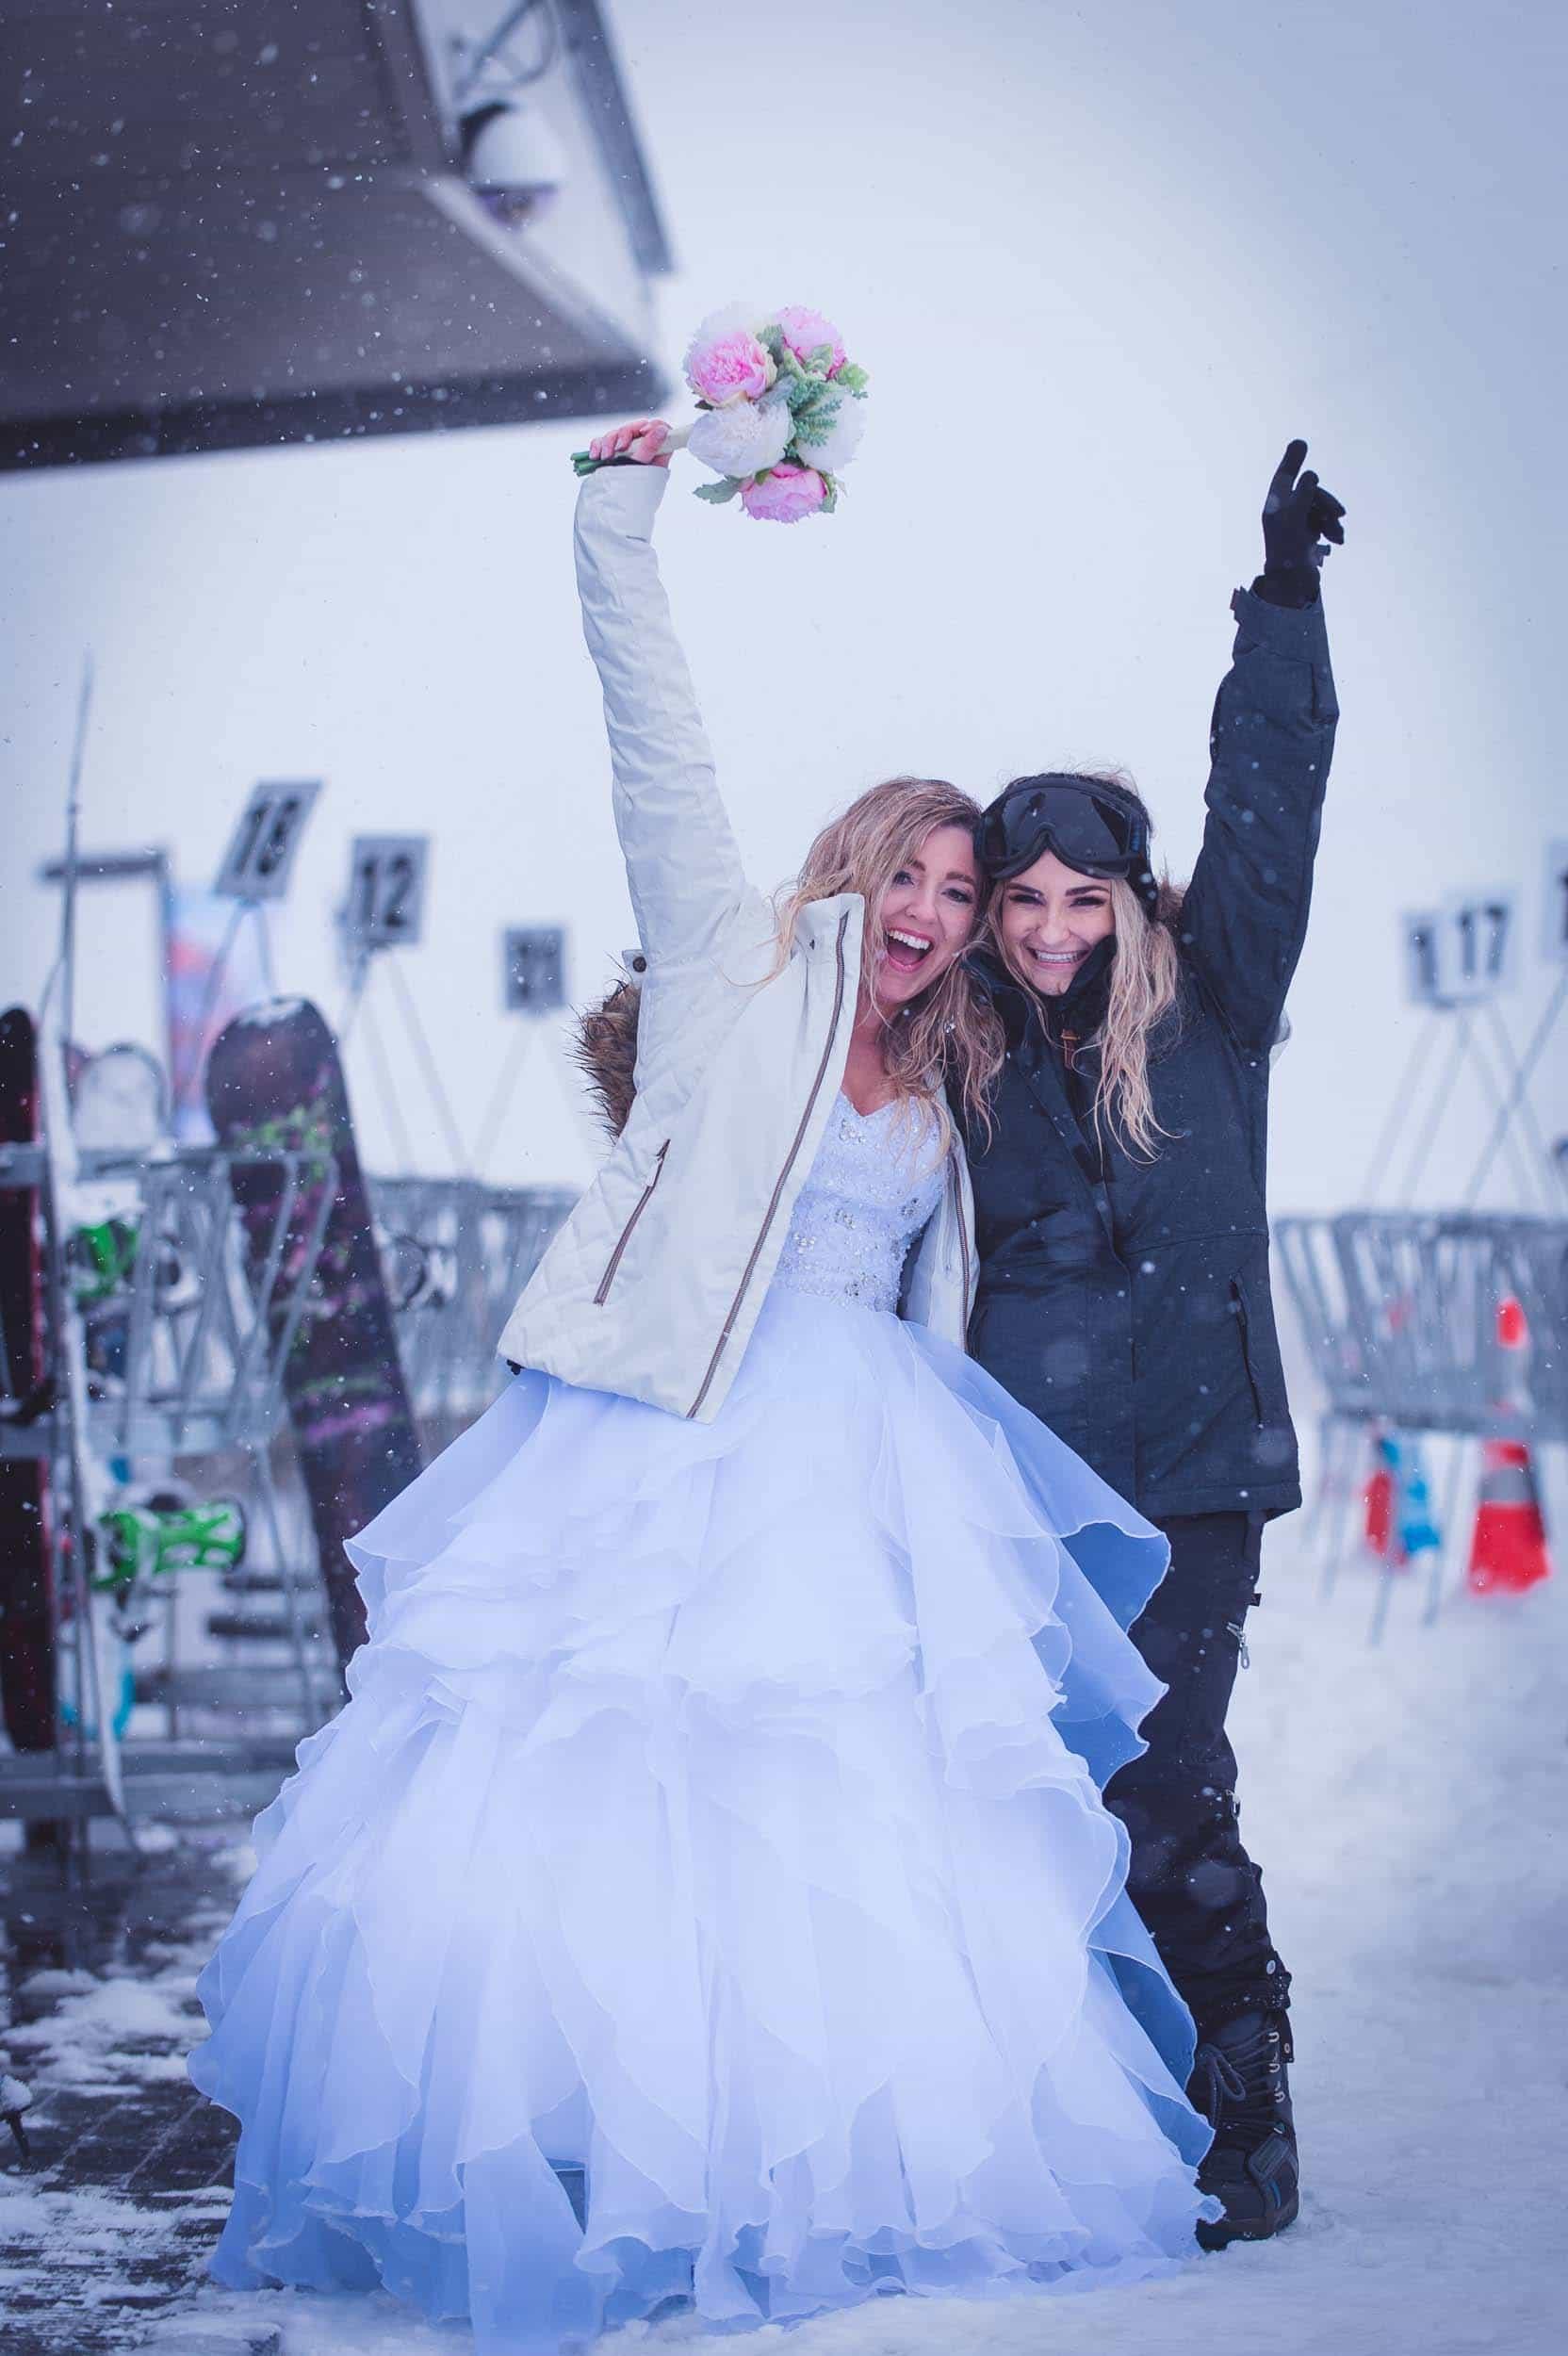 Queenstown Snowboard Wedding